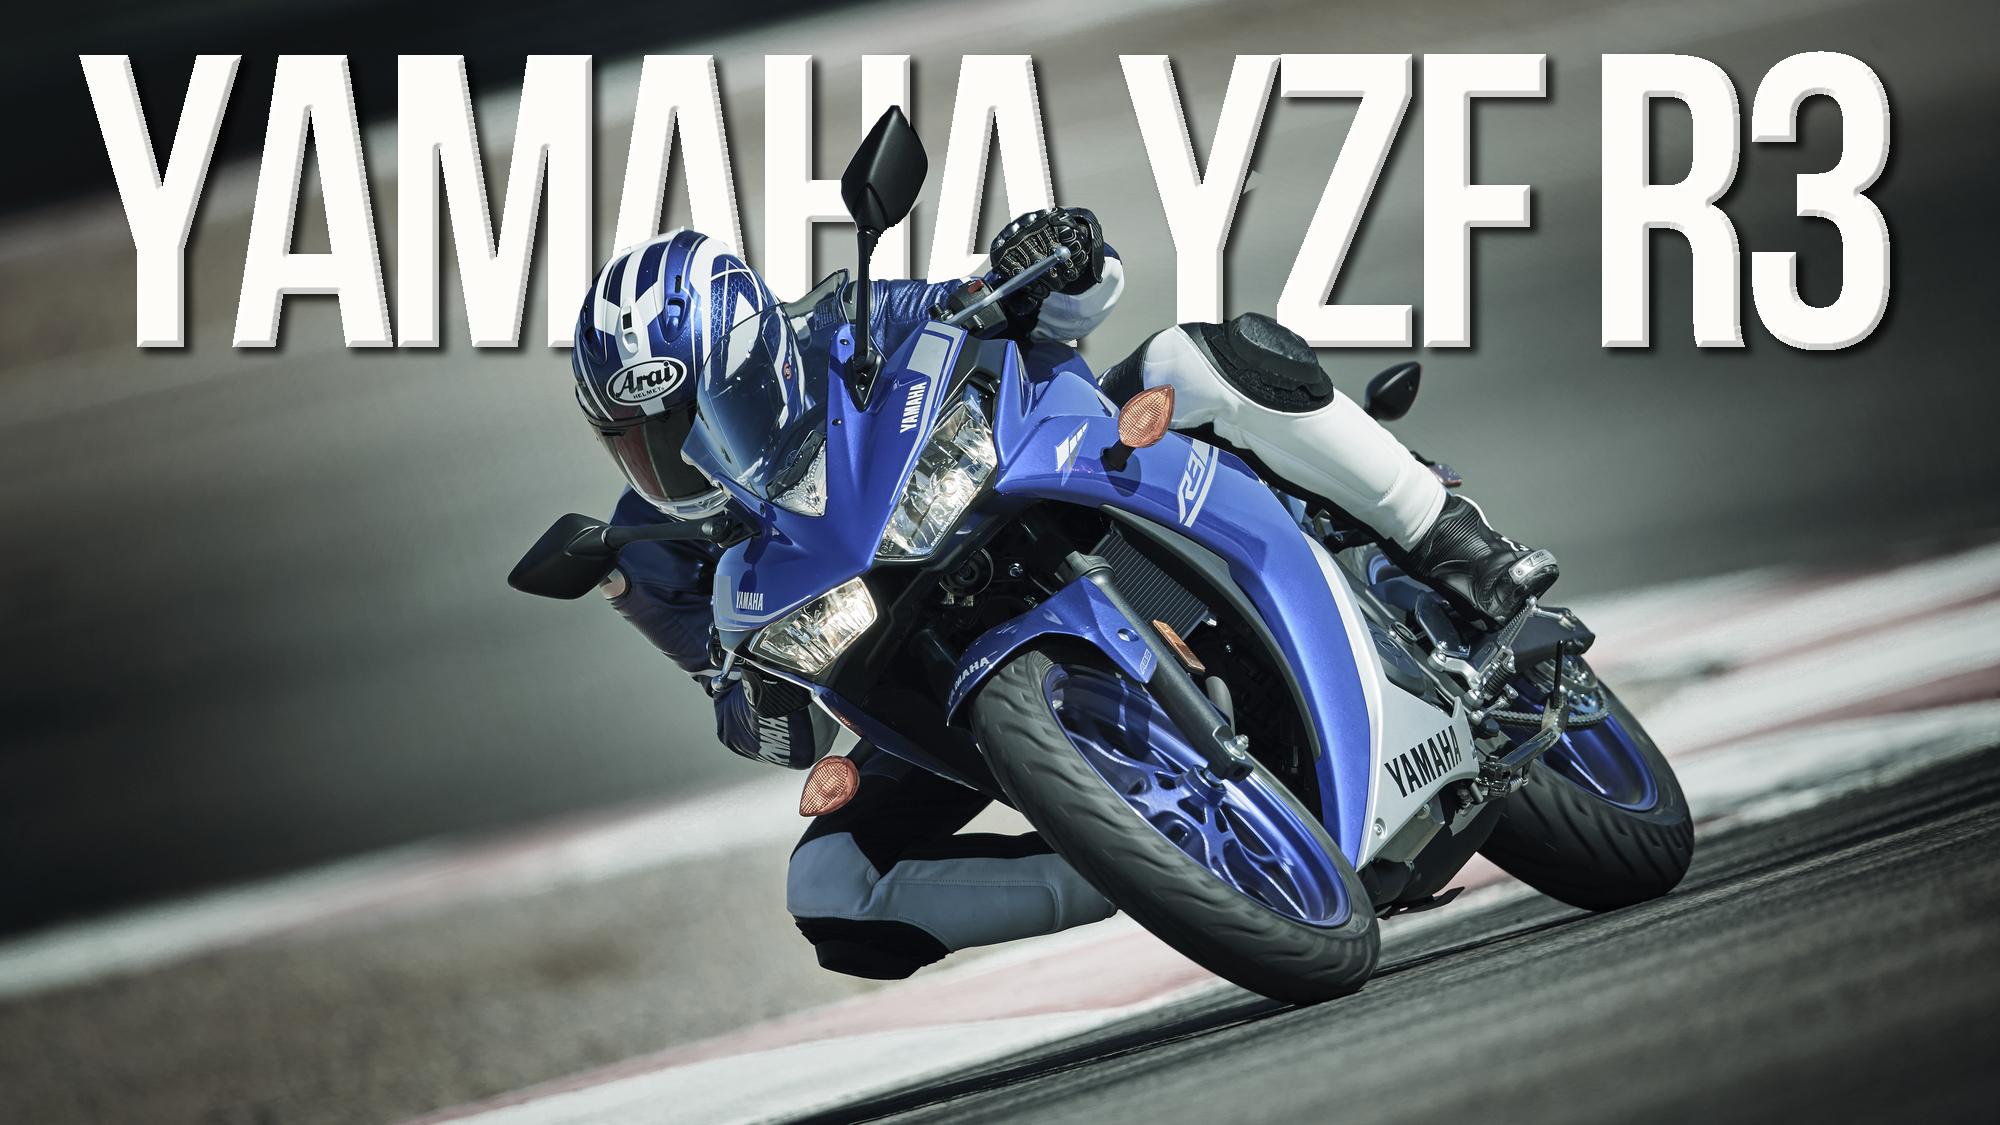 Yamaha YZF R3 – Uma campeã do mundo acessível a todos